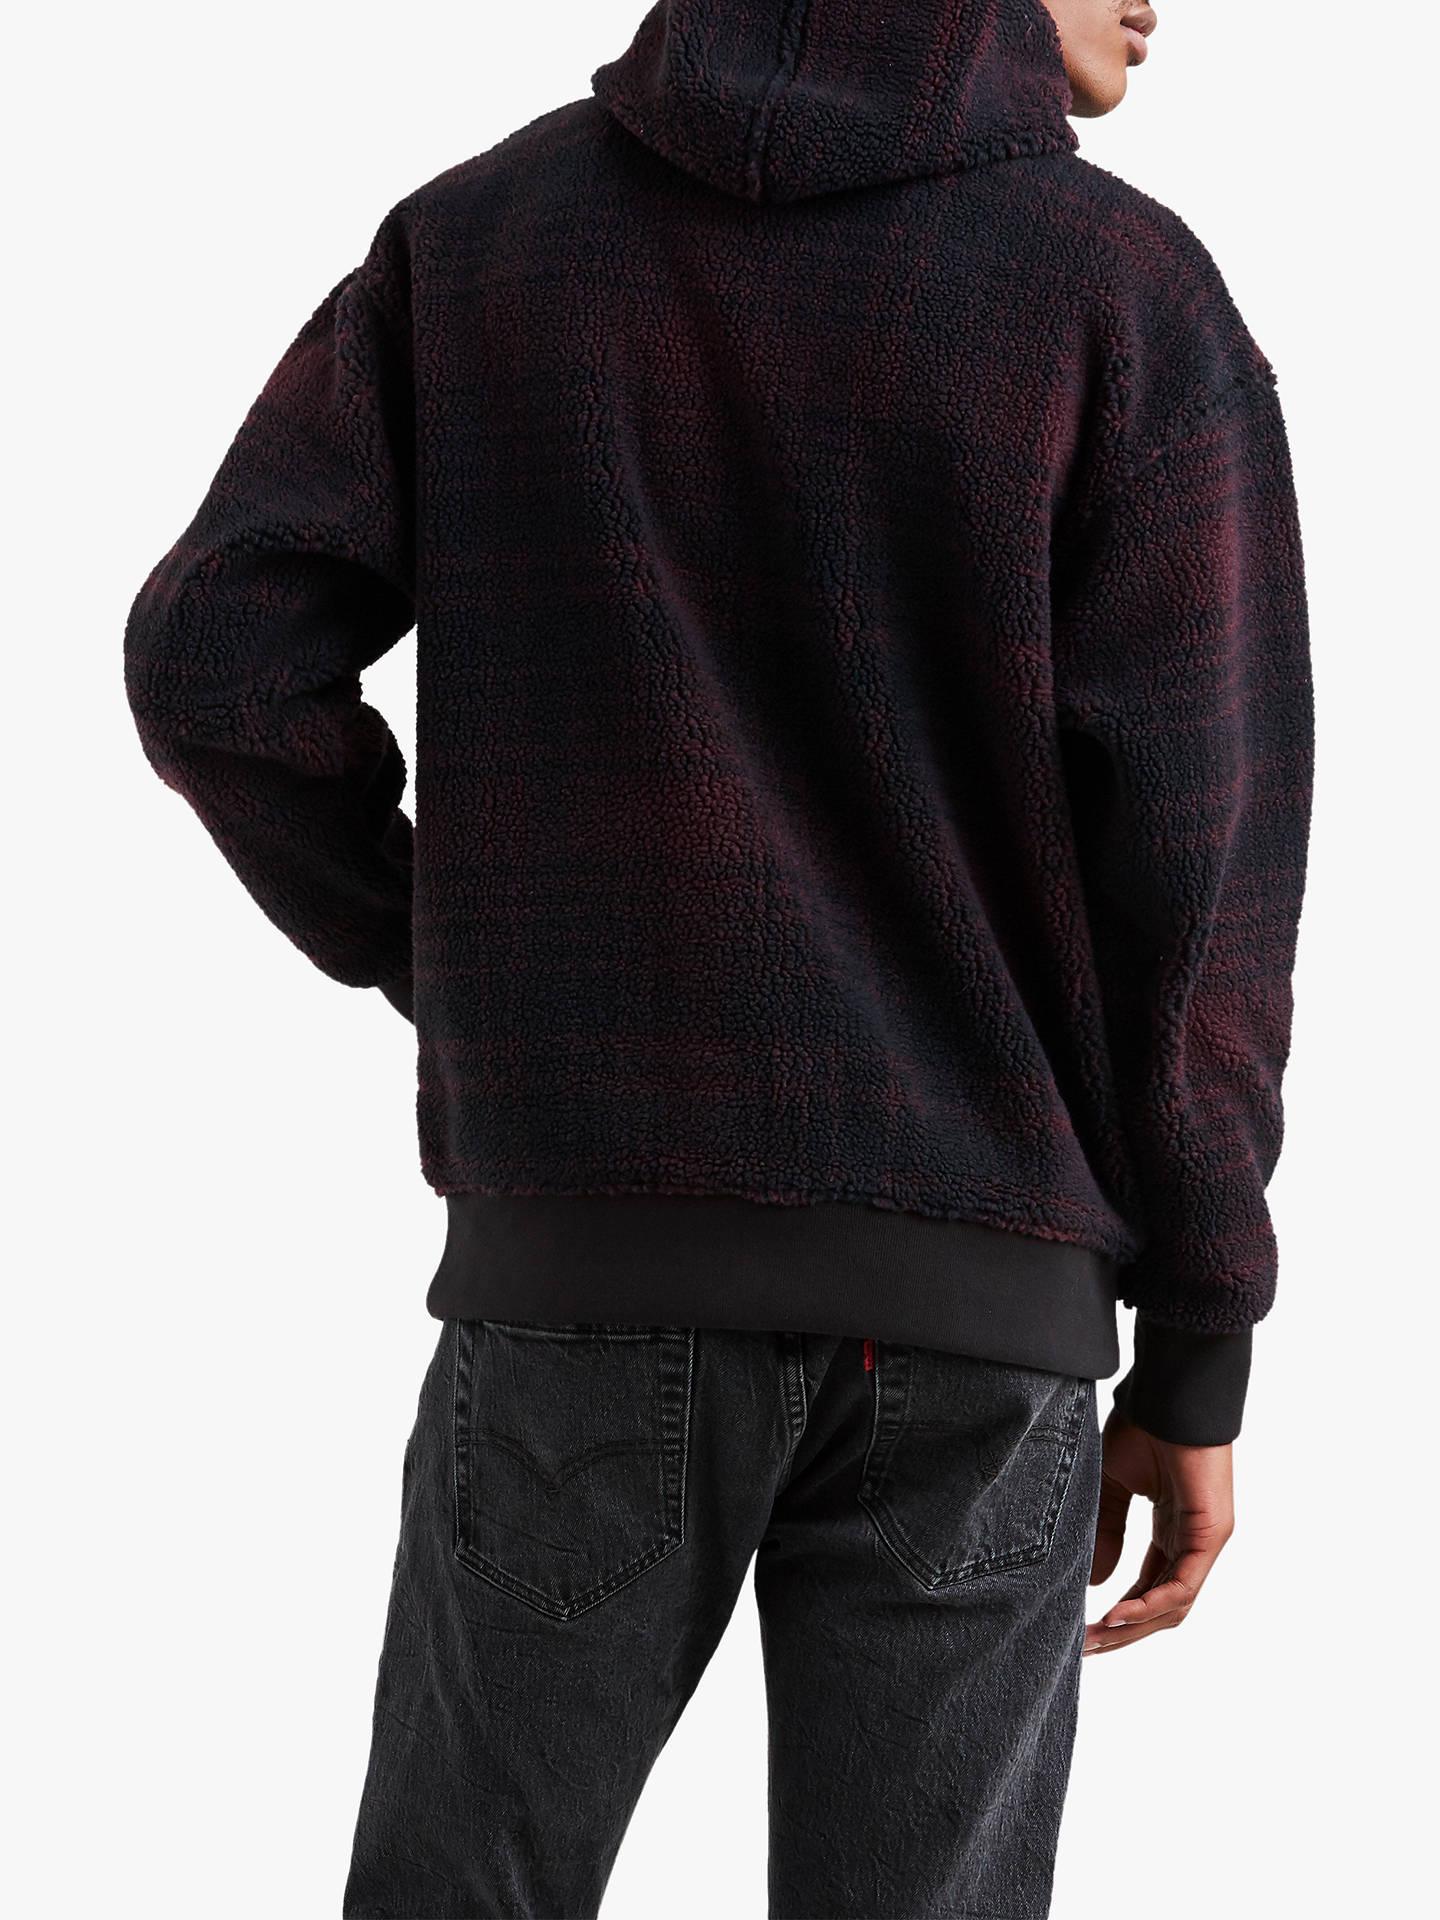 Levi's x Justin Timberlake Oversized Check Sherpa Hoodie